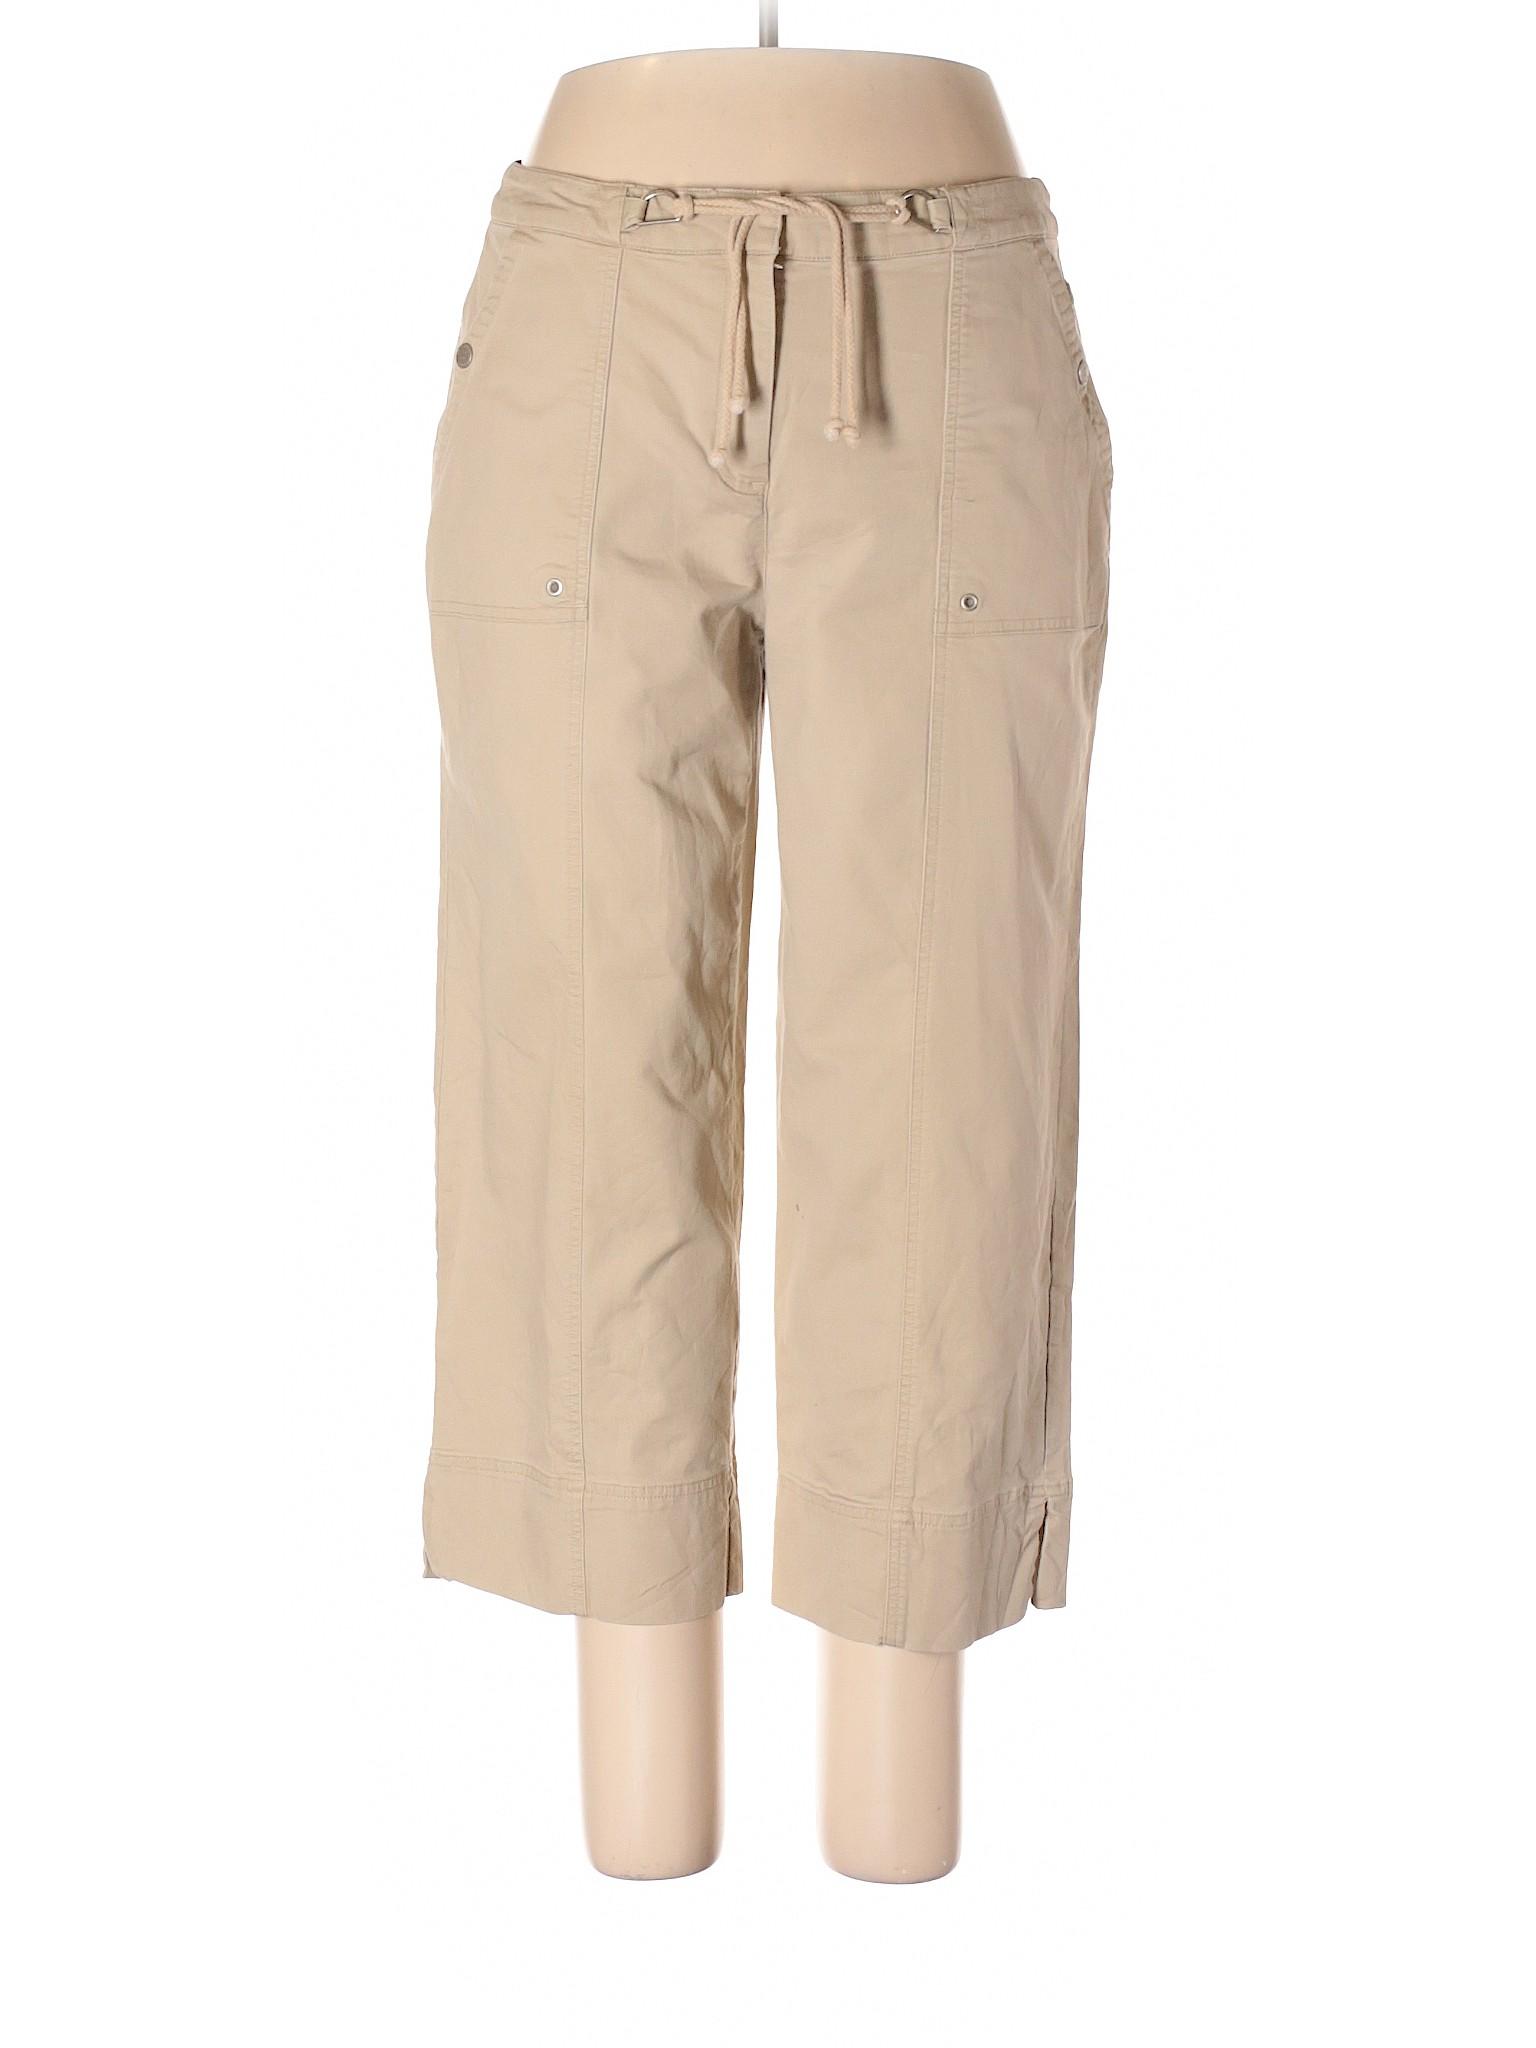 Boutique Wear Jones Pants Jeans winter Cargo PHPxr0z